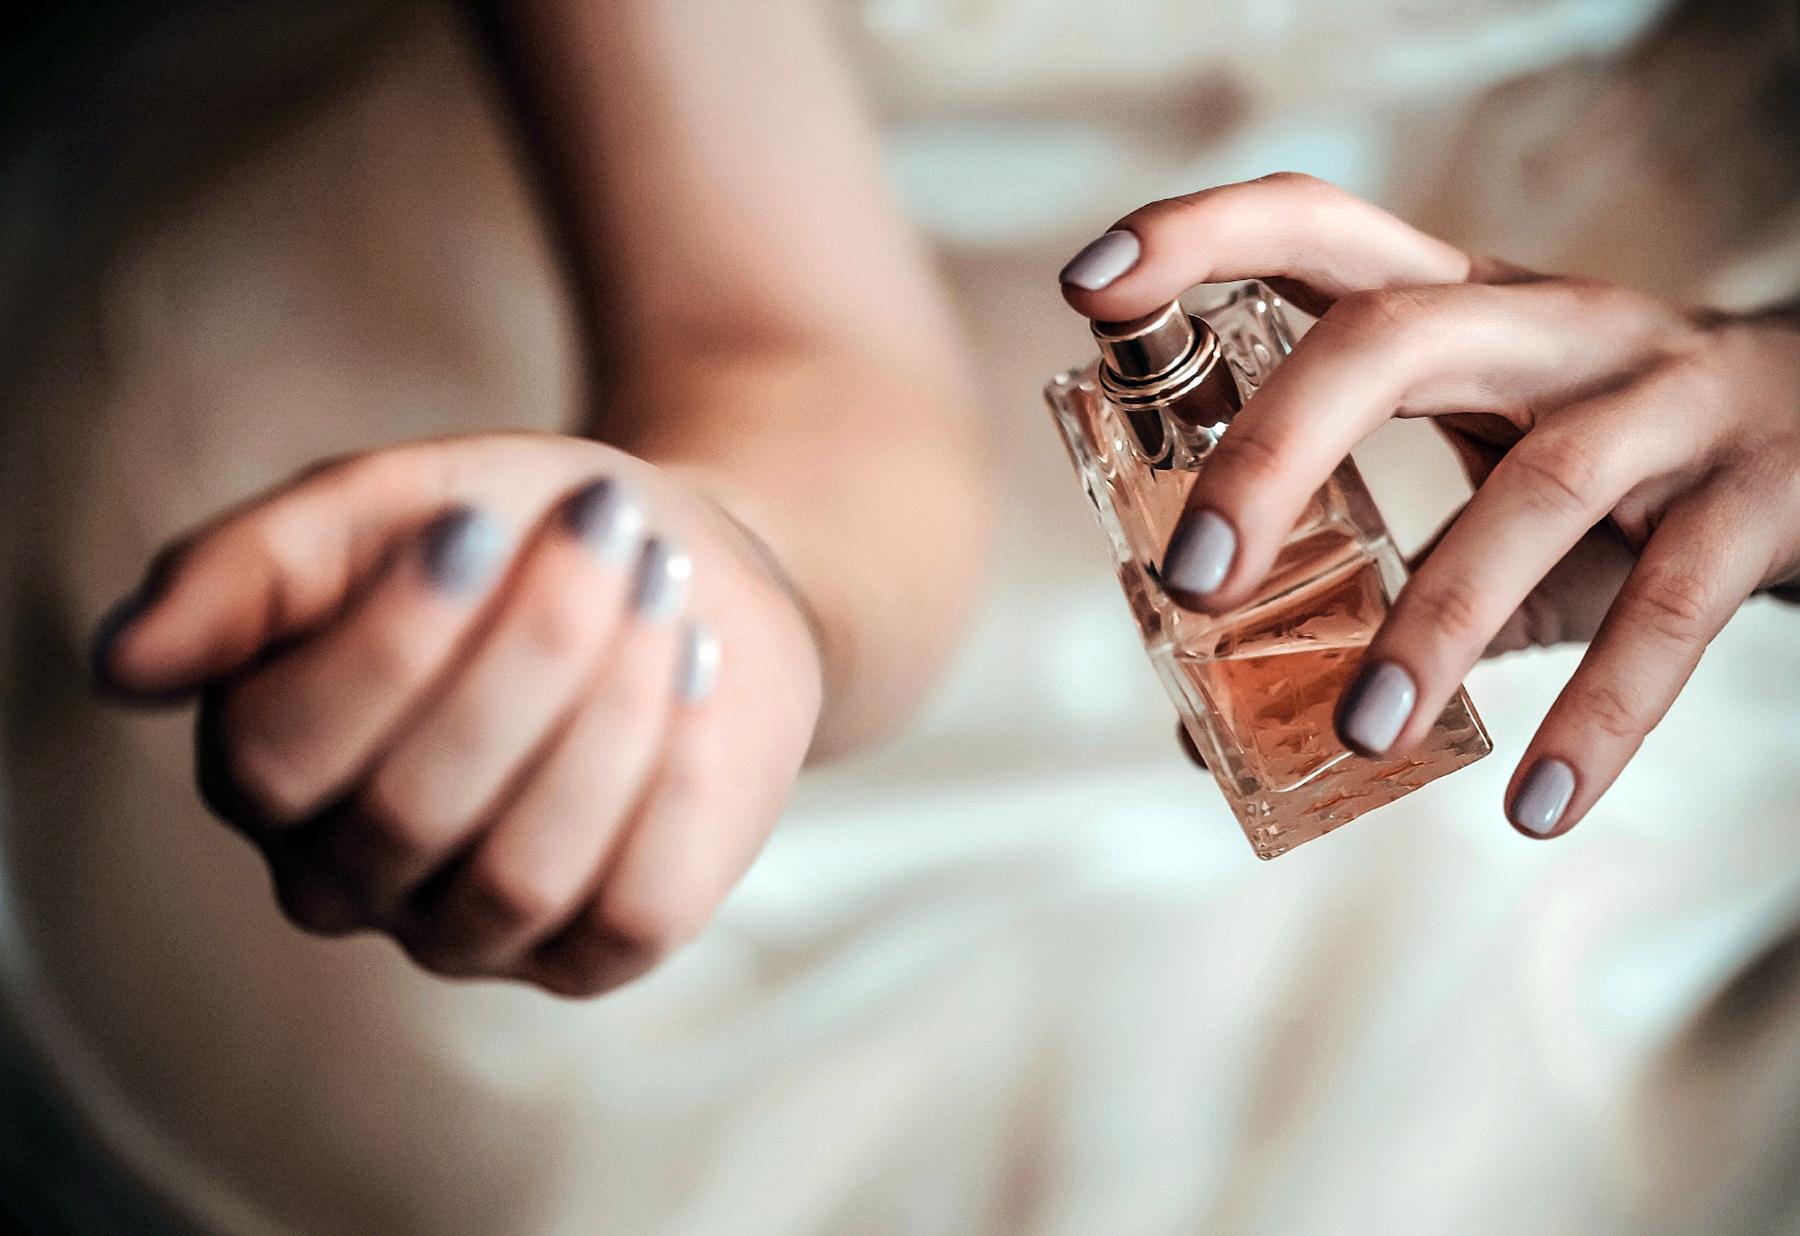 10 trắc nghiệm lựa chọn hương nước hoa phù hợp với tính cách